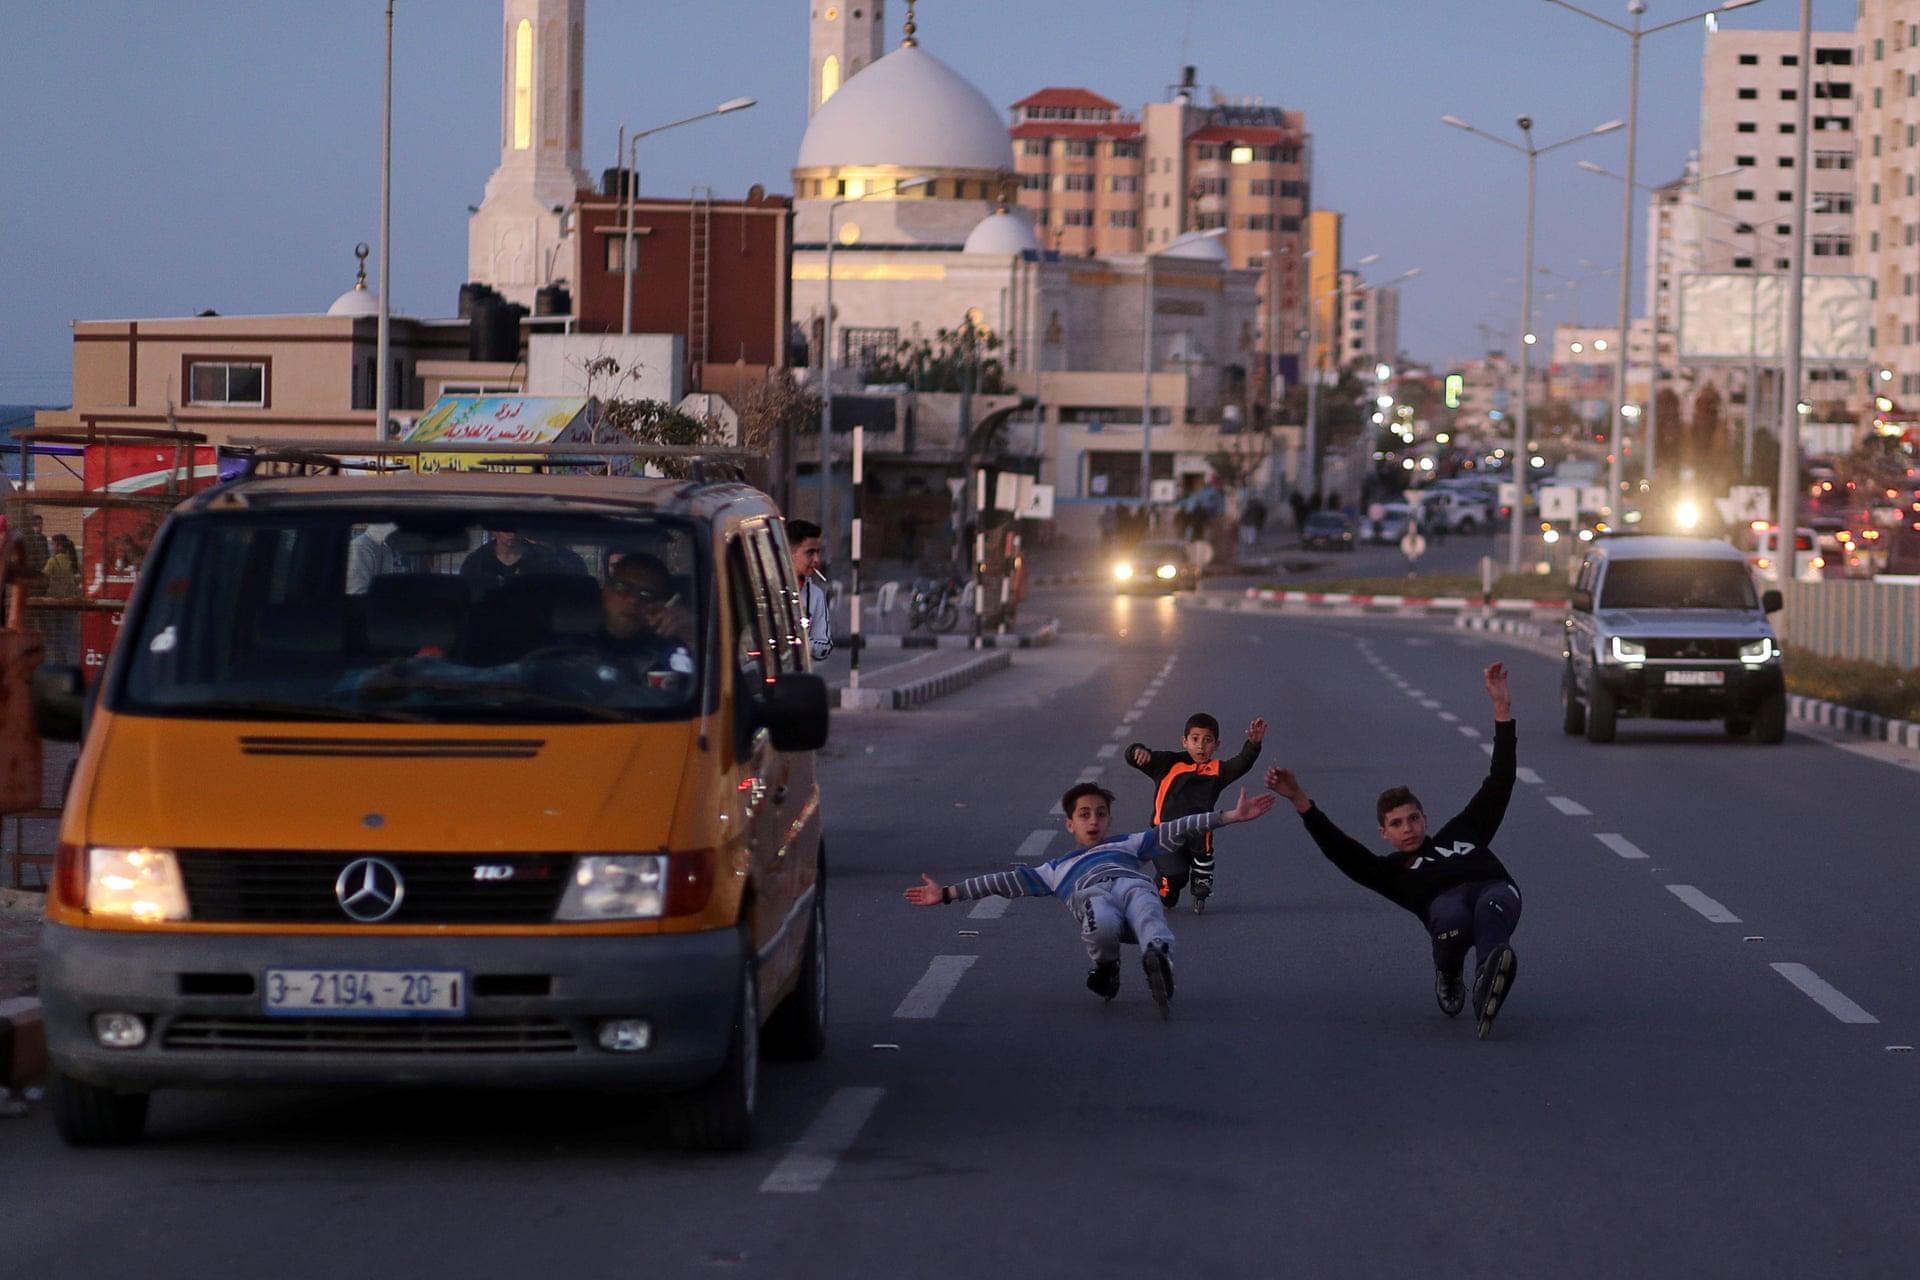 """""""Gaza Youth Skate"""", el grupo de skateboarders rebeldes que buscan la libertad sobre una patineta"""